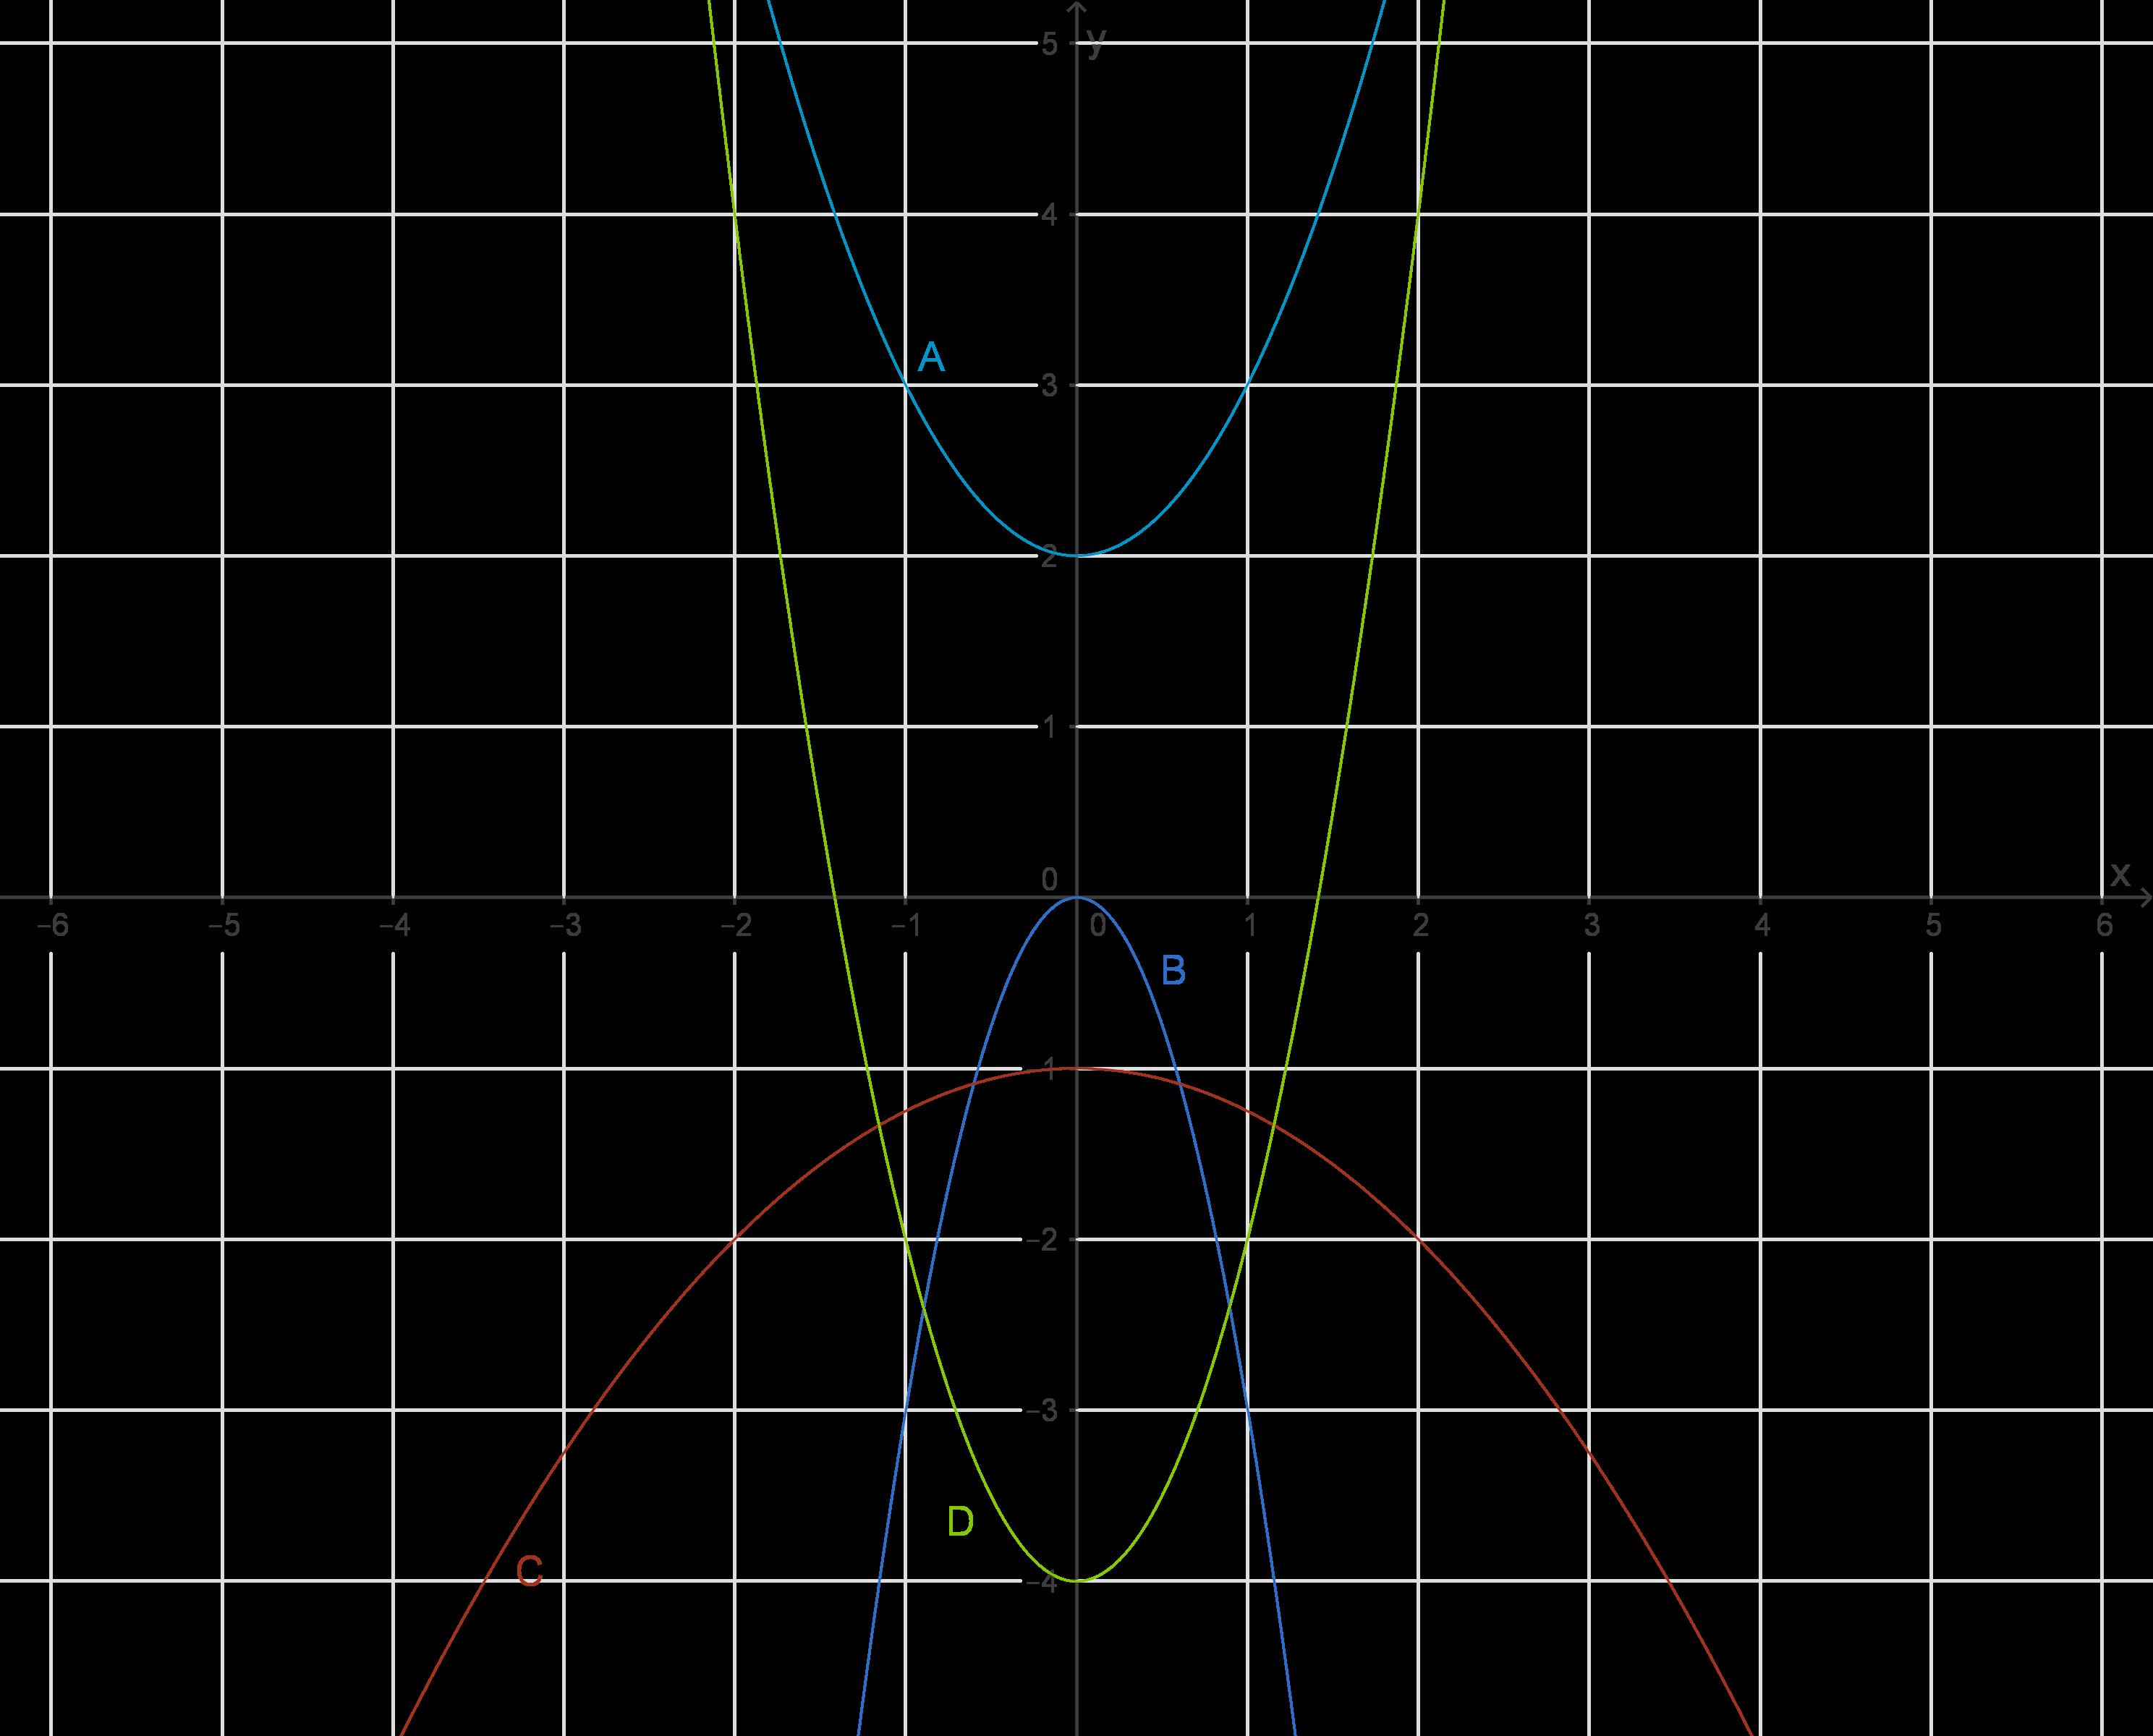 Quadratische Funktionen: Allgemeine Parabelformen